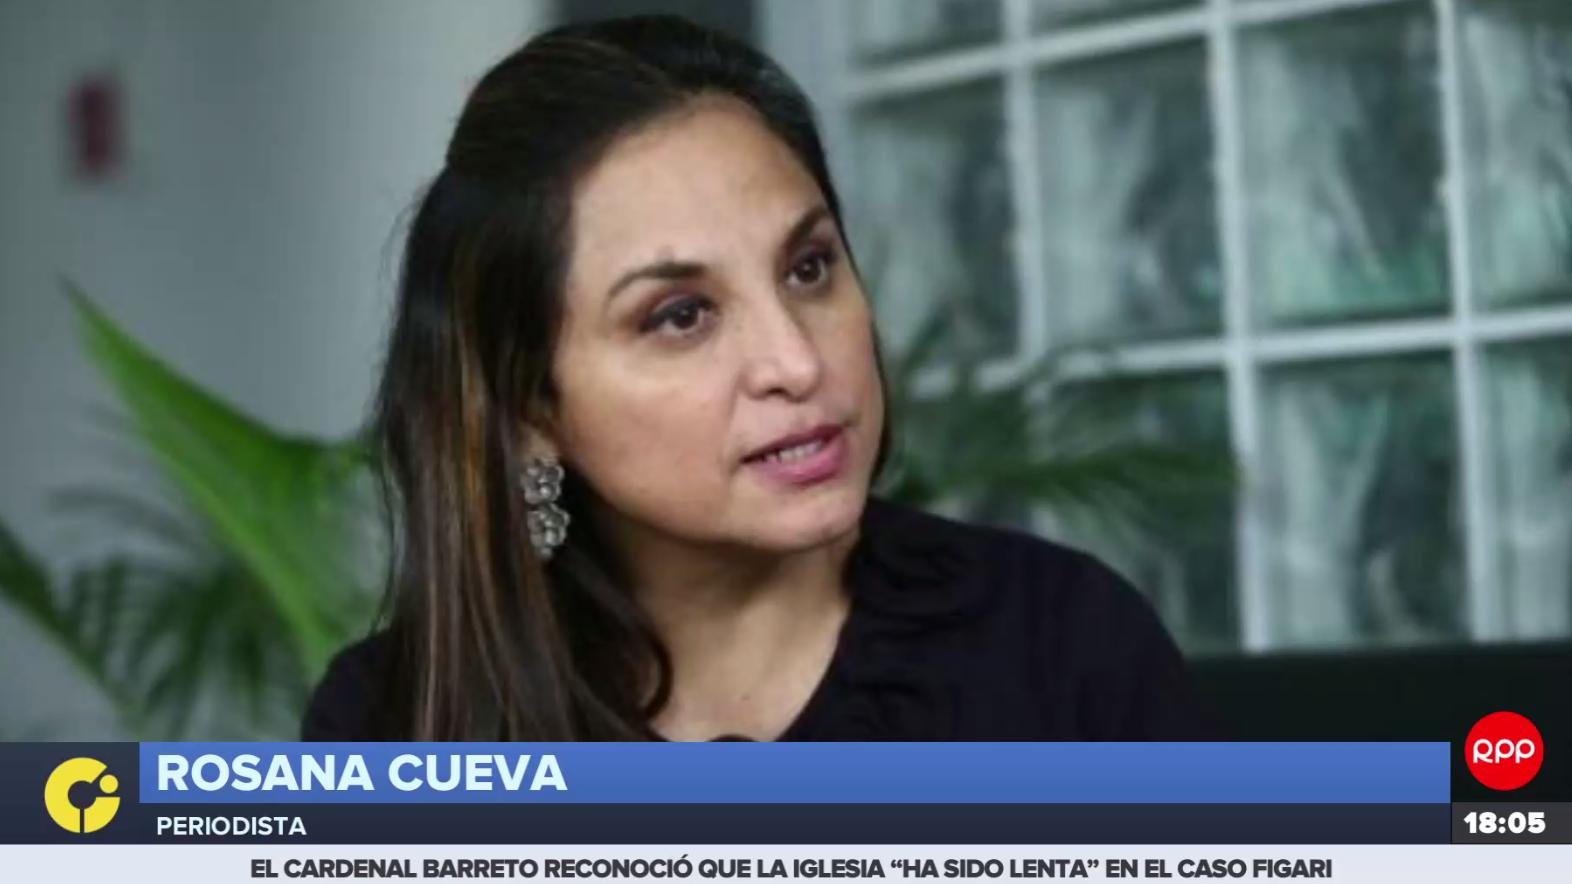 Rosana Cueva